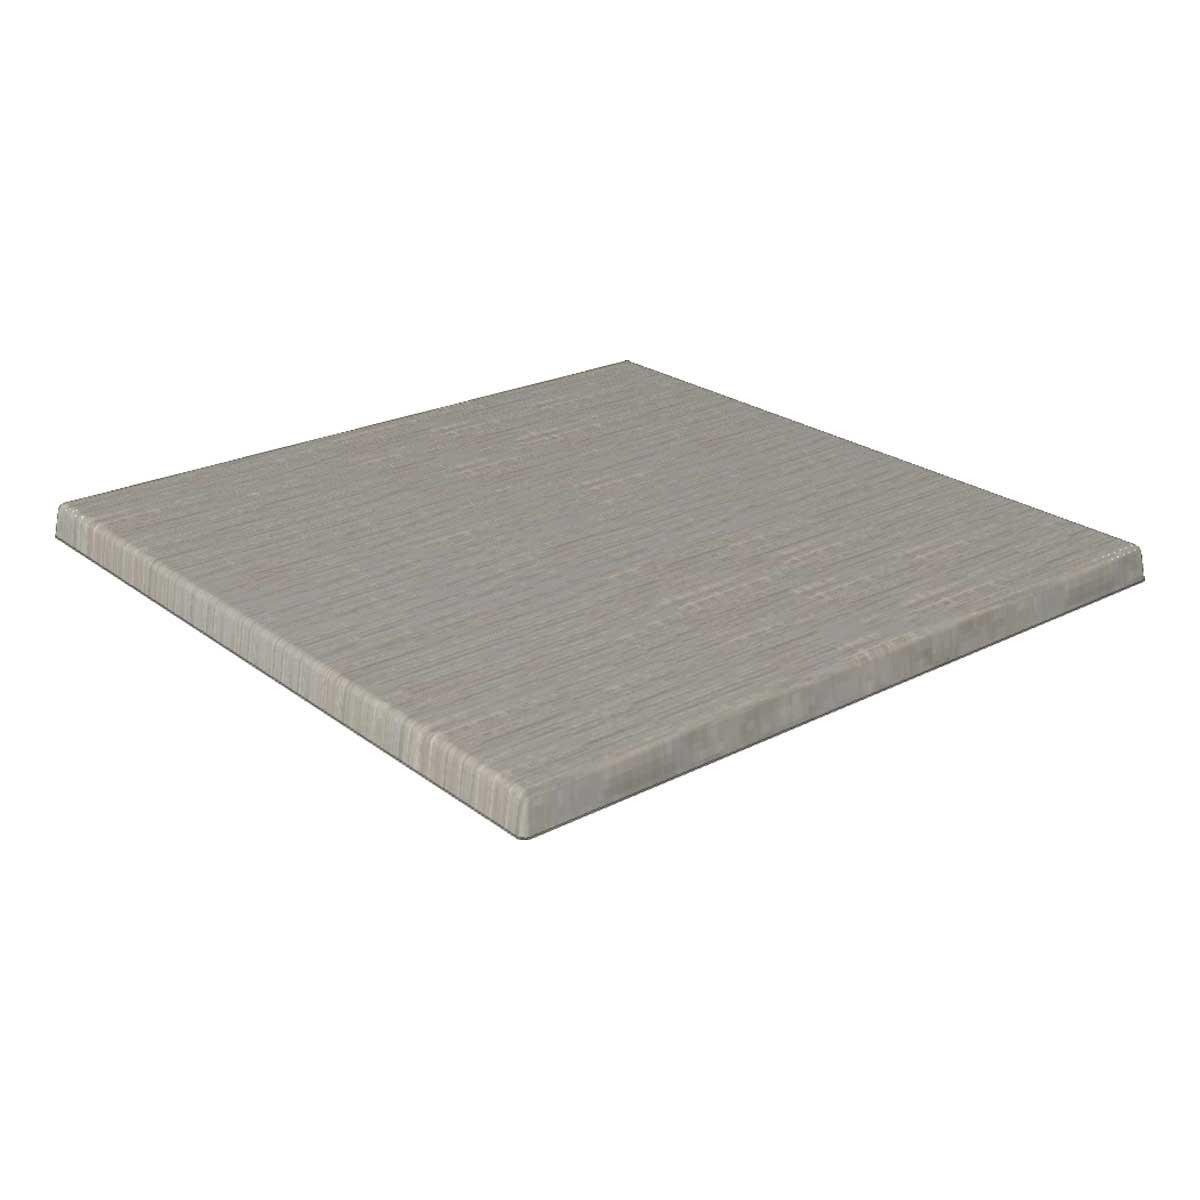 TICLA Q70 010 - https://www.werzalit.com/nl/product/tafelblad-classic-werzalit-q-80x80-010-bounty/